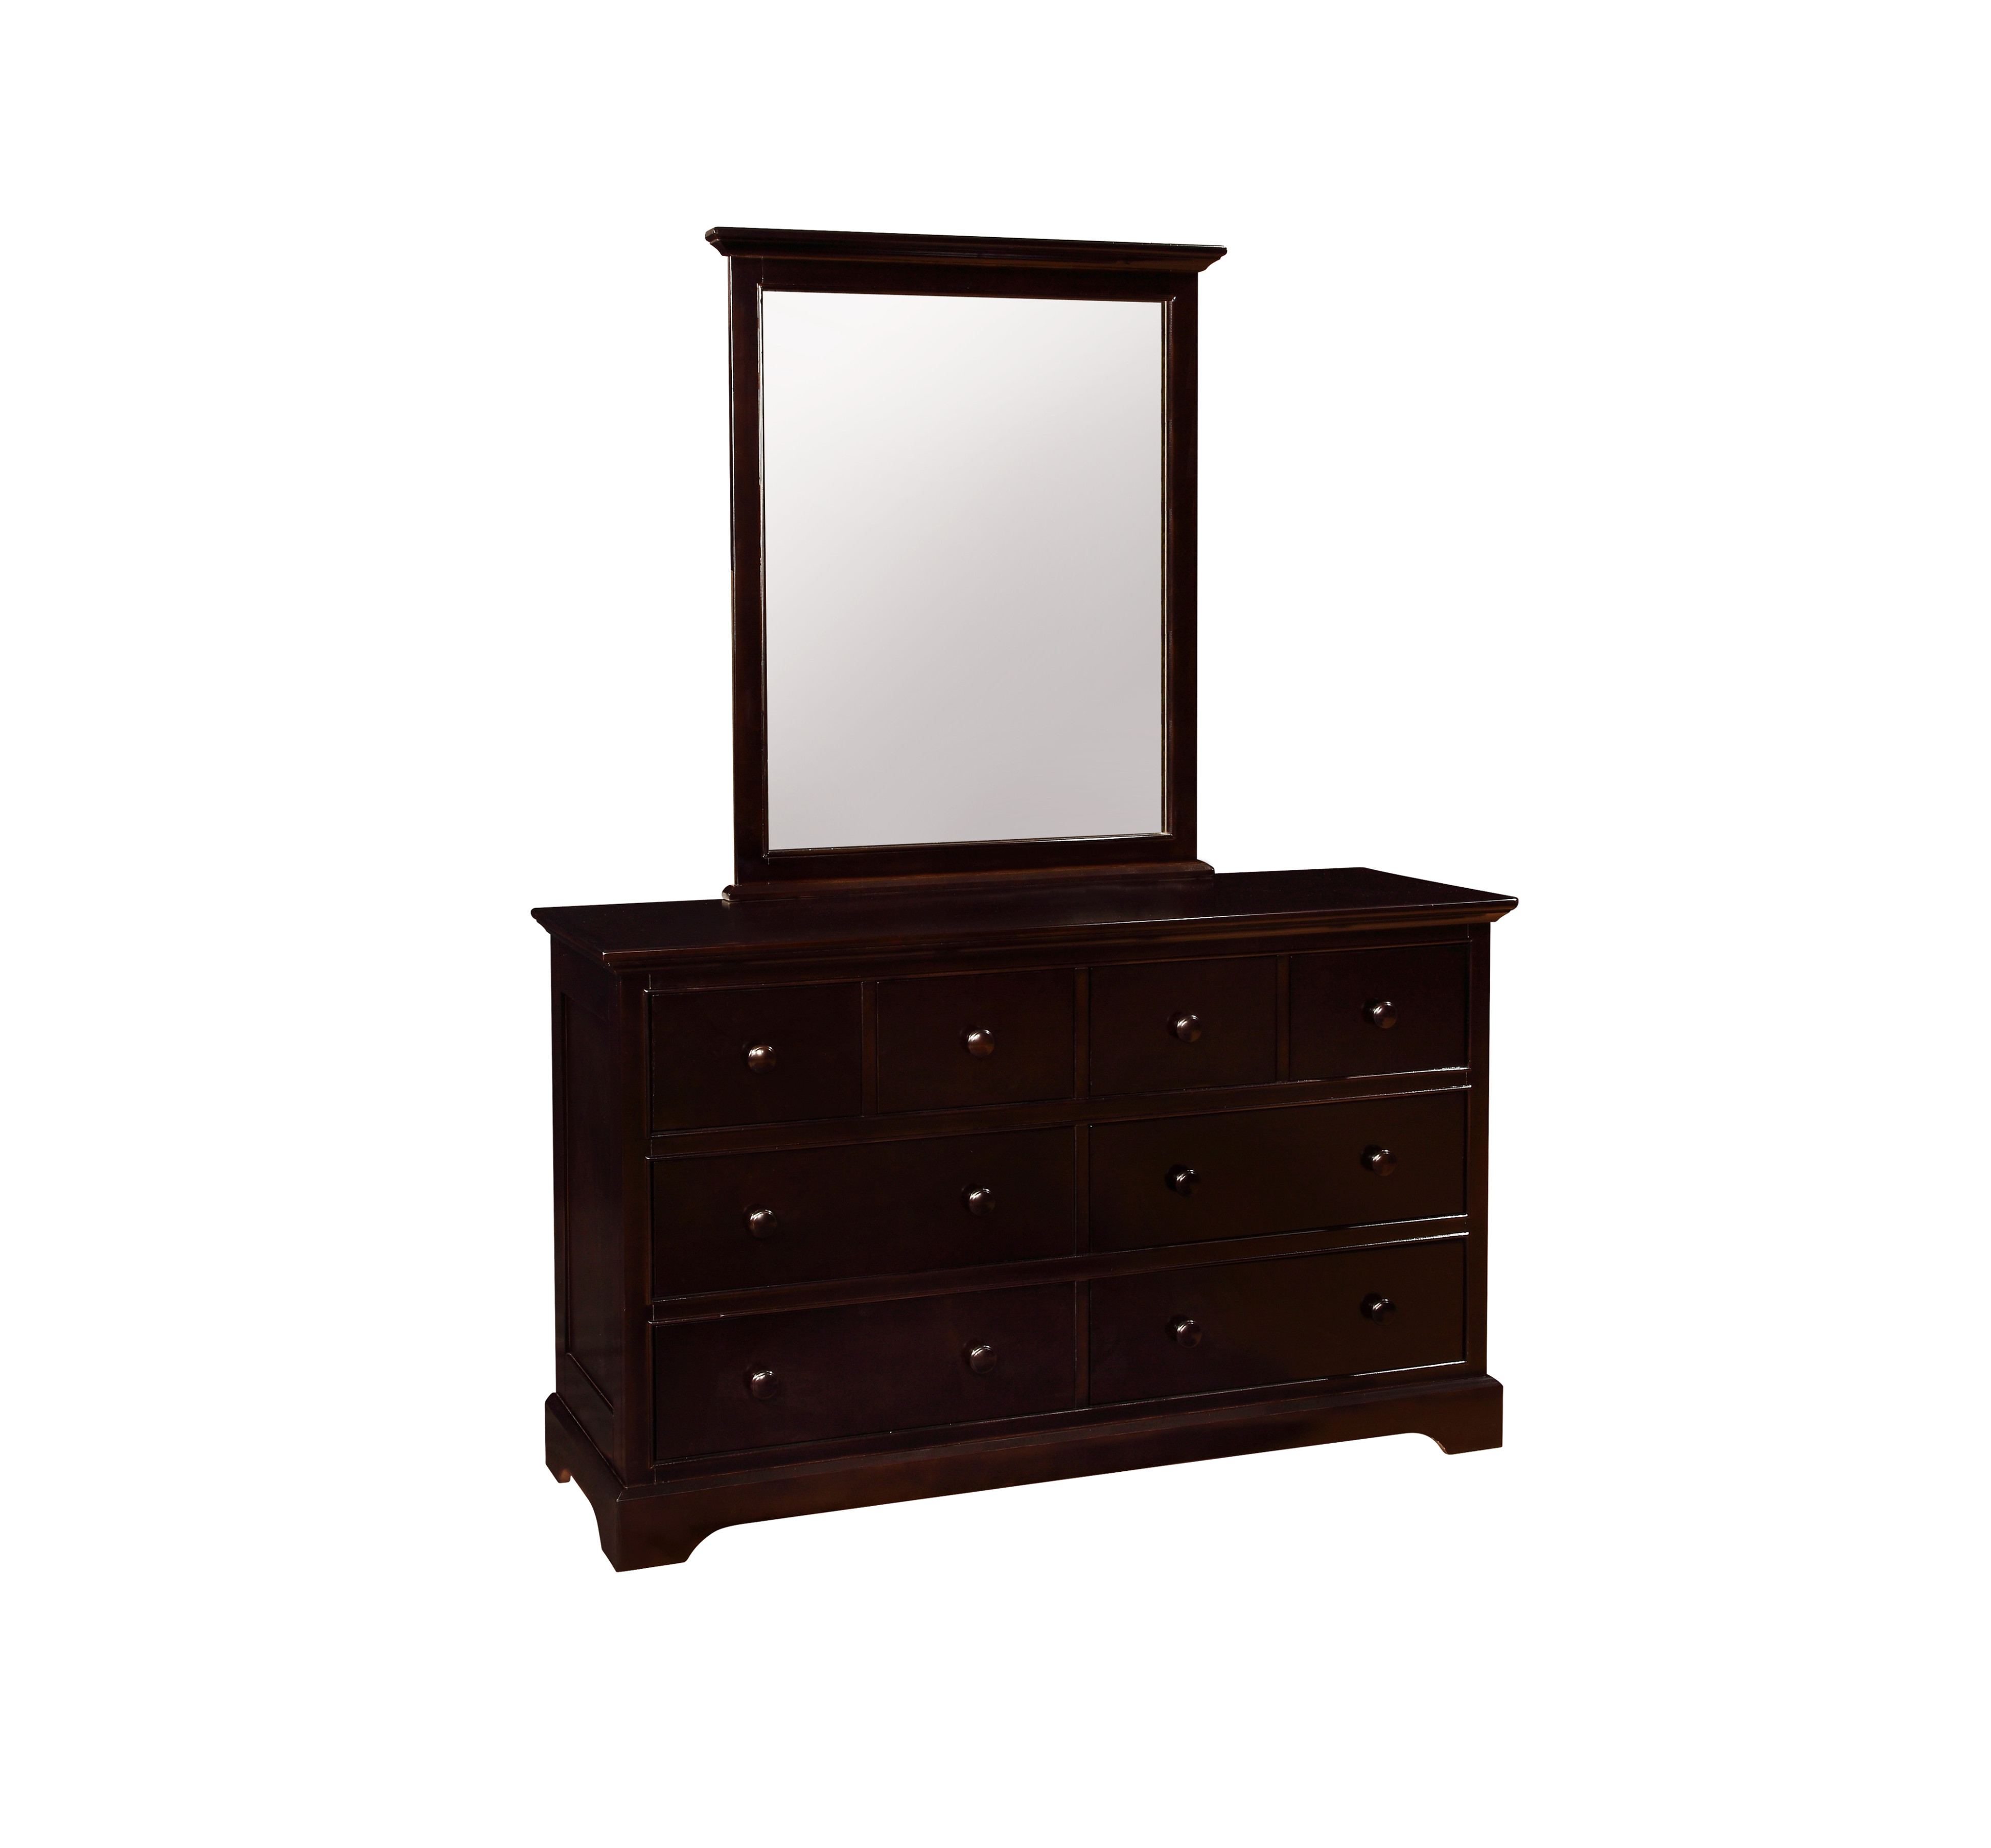 Waterford 8 Drawer Dresser with Mirror Espresso